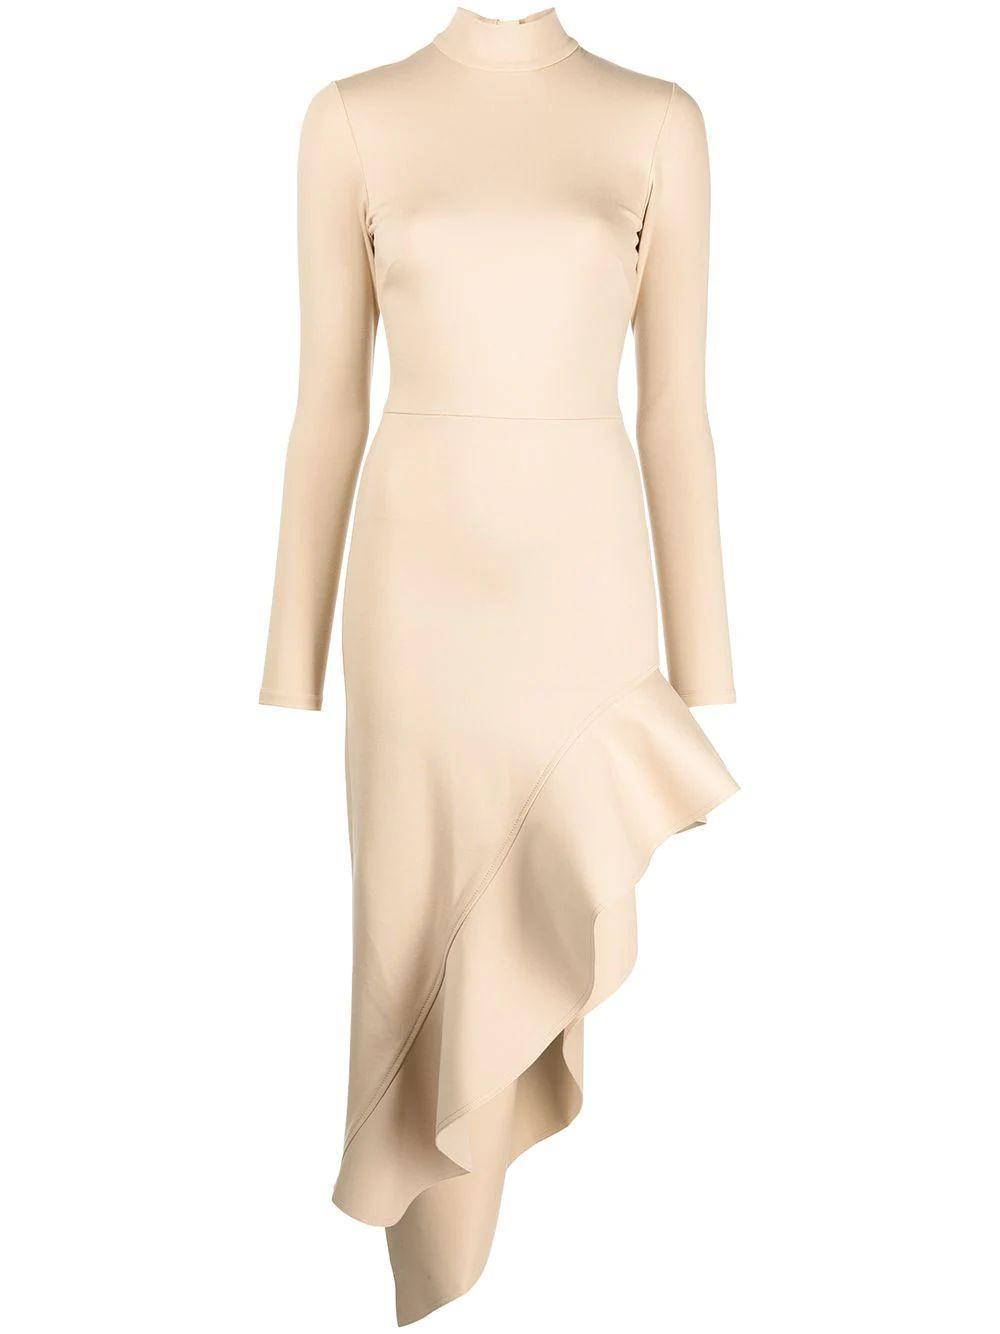 Taleah Asymmetrical Ruffle Hem Midi Dress Item # A3210425-7504